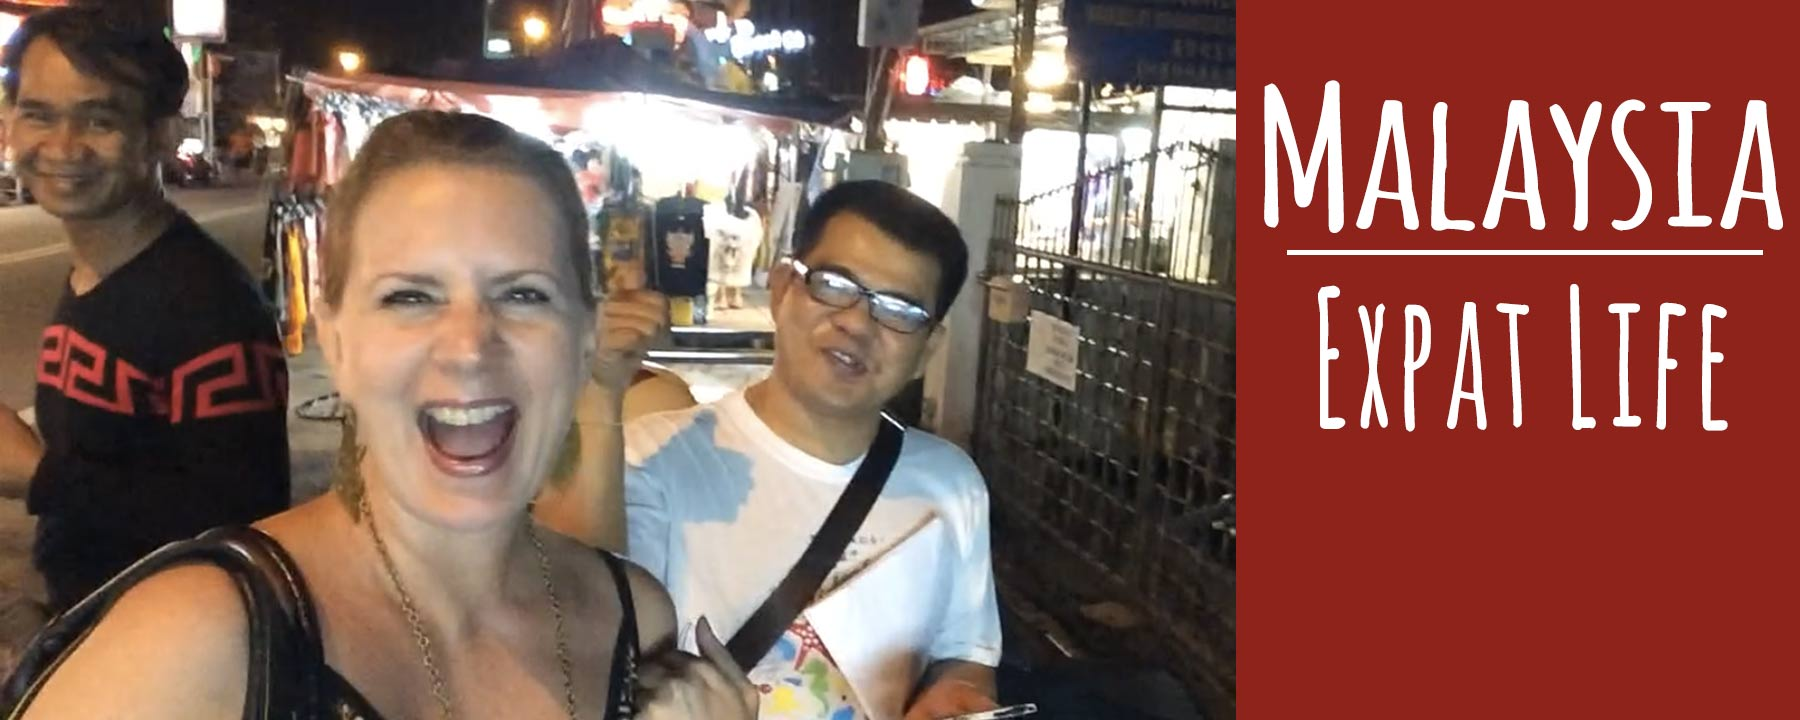 Expat Life: Batu Ferringhi Street Food & Night Market in Penang Malaysia